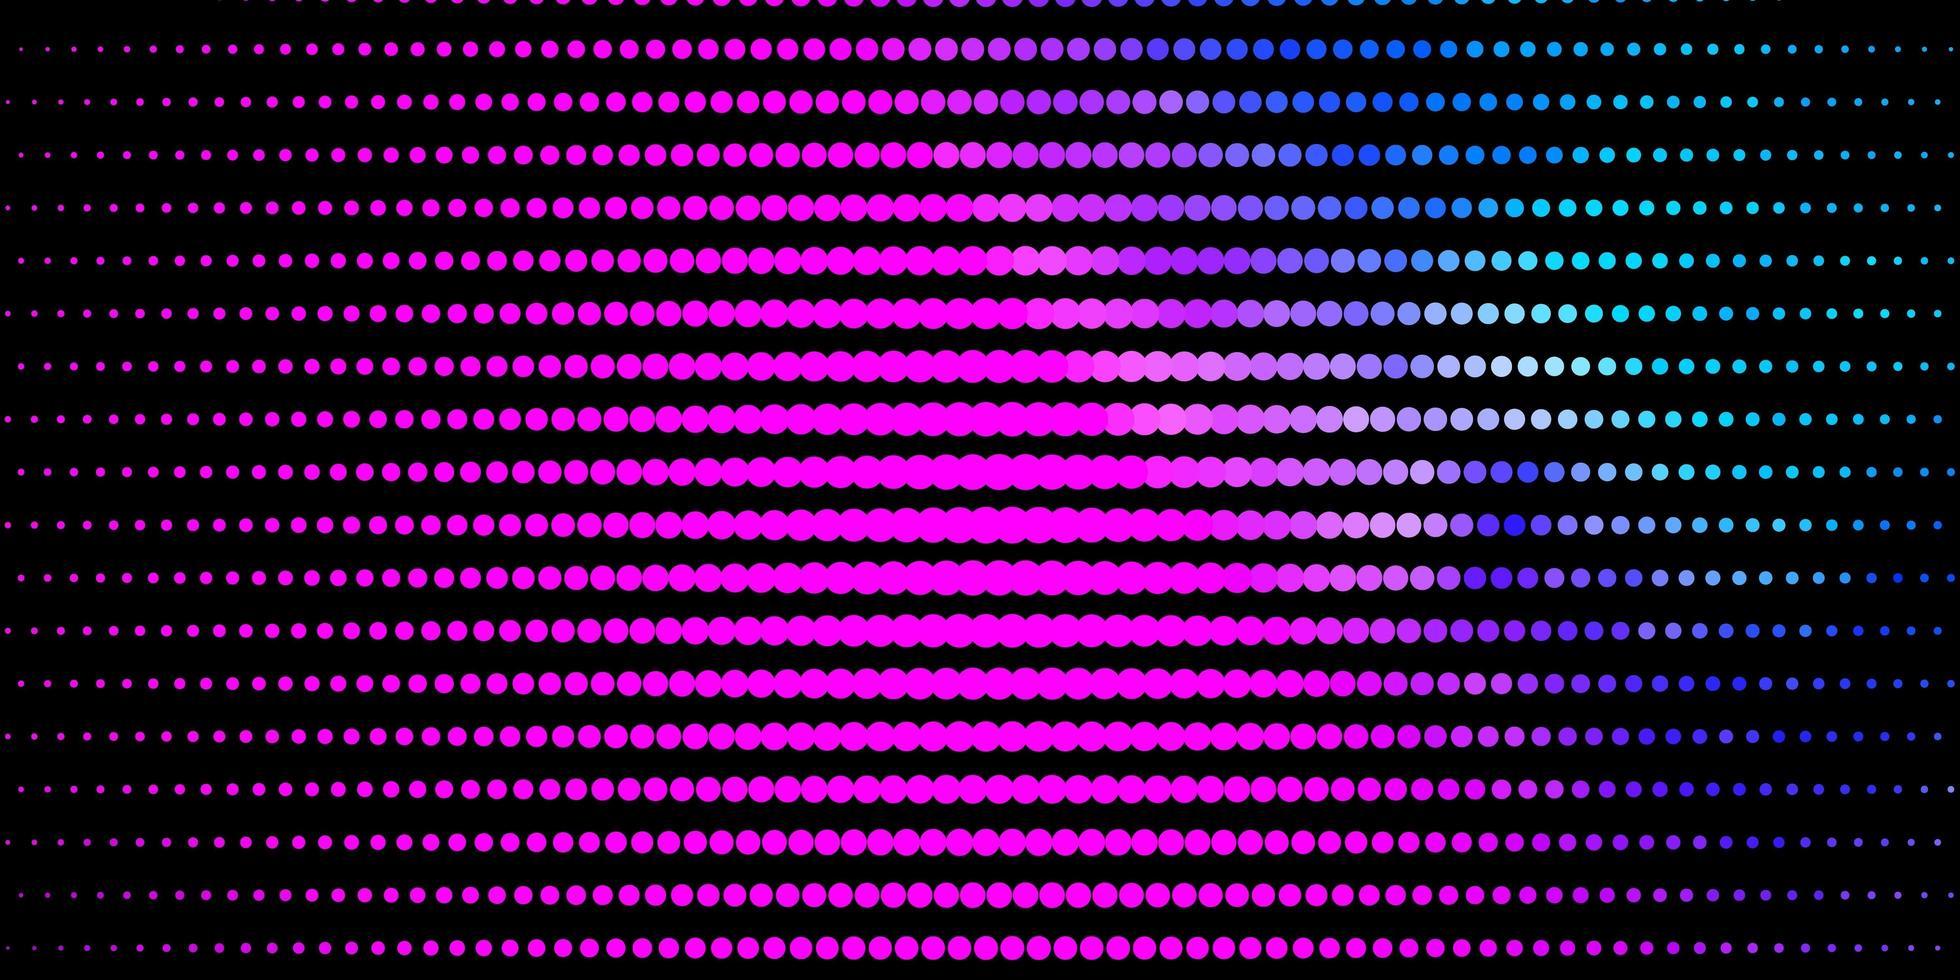 roze en blauwe achtergrond met cirkels. vector